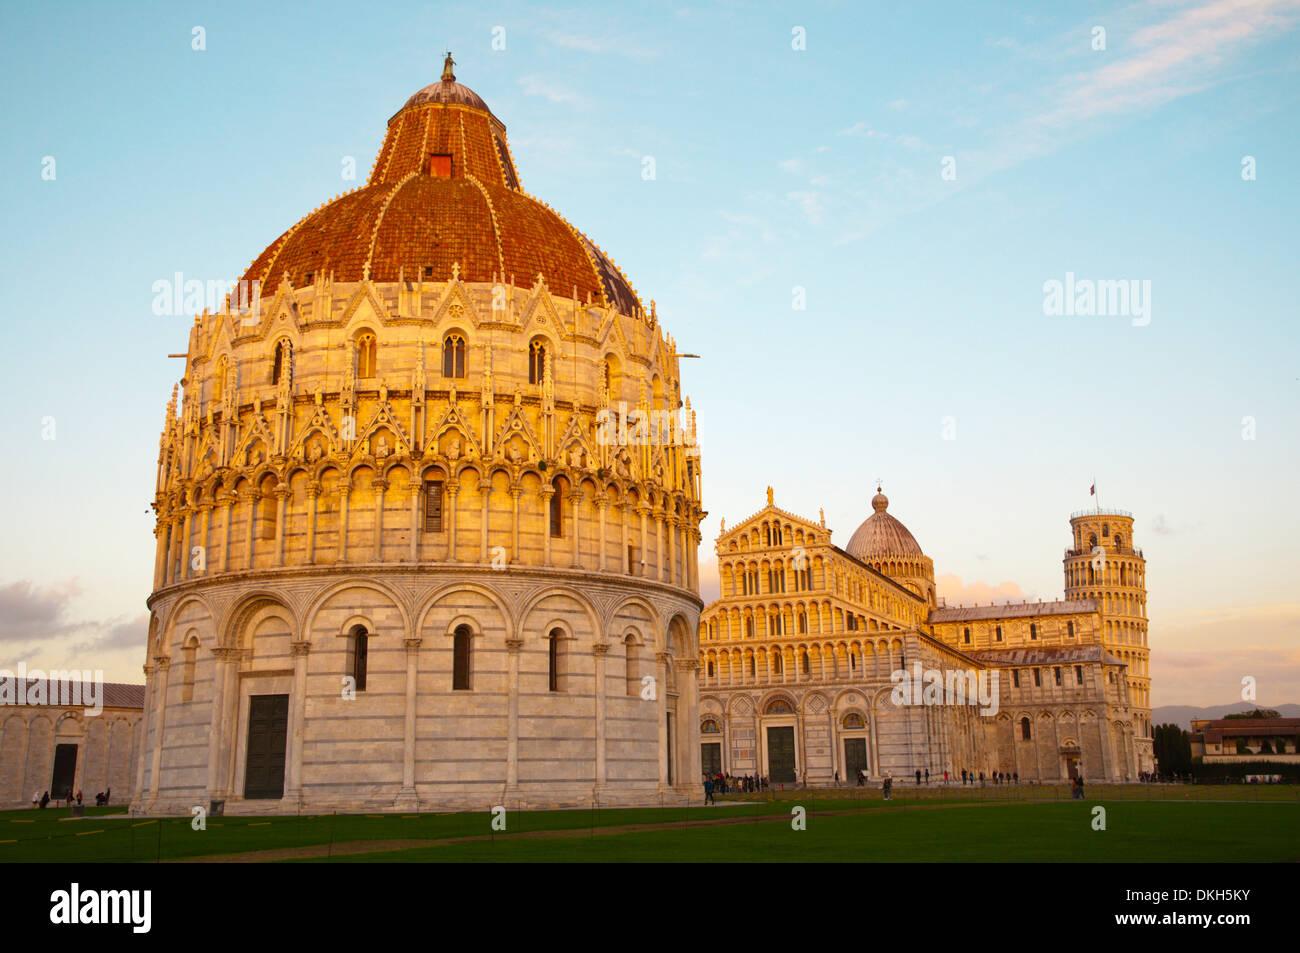 Campo dei Miracoli the field of miracles Pisa city Tuscany region Italy Europe - Stock Image